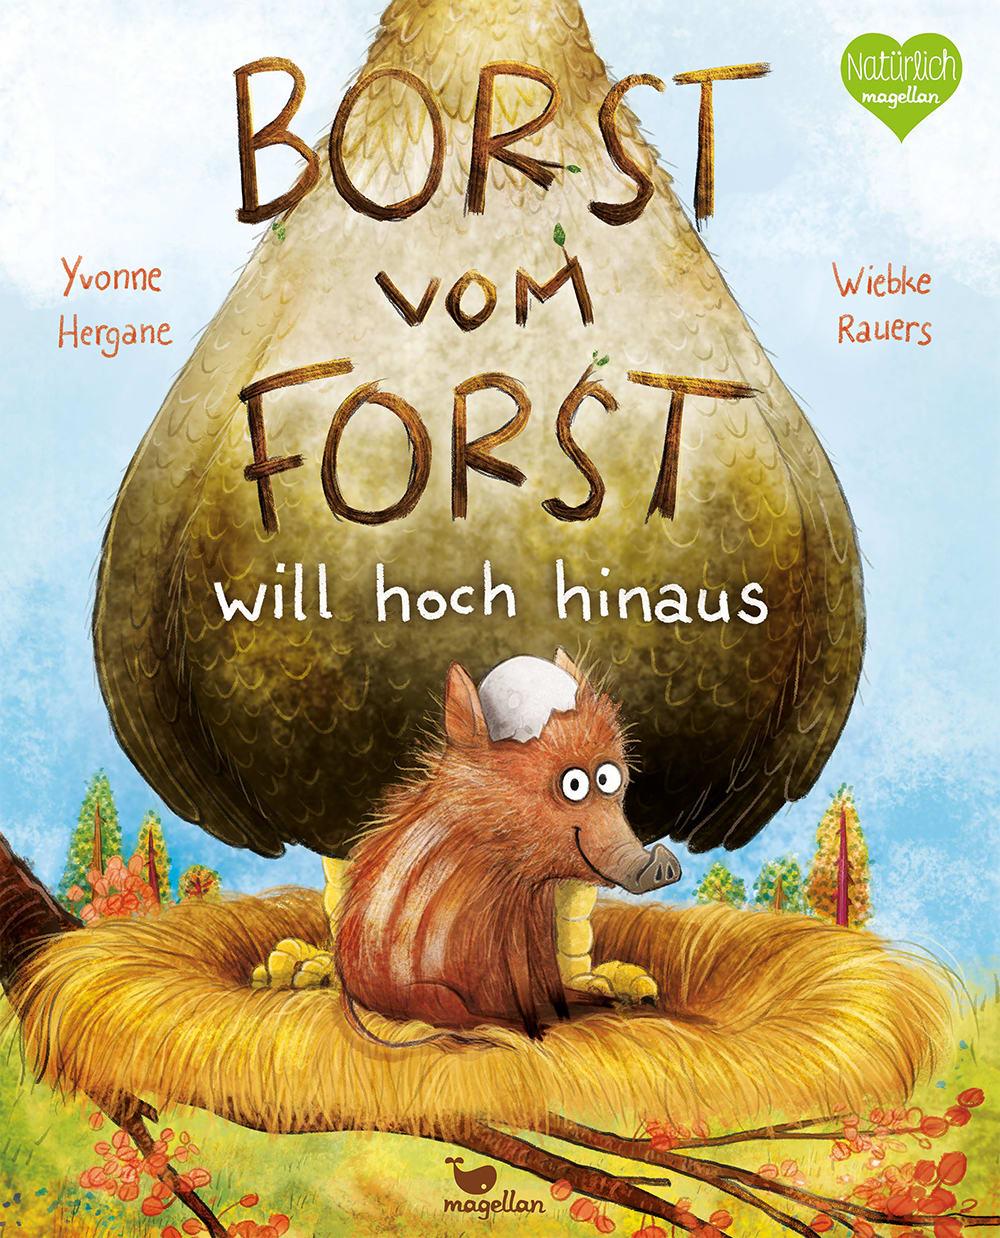 Cover Borst will hoch hinaus Band2 Bilderbuch von Yvonne Hergane und Wiebke Rauers